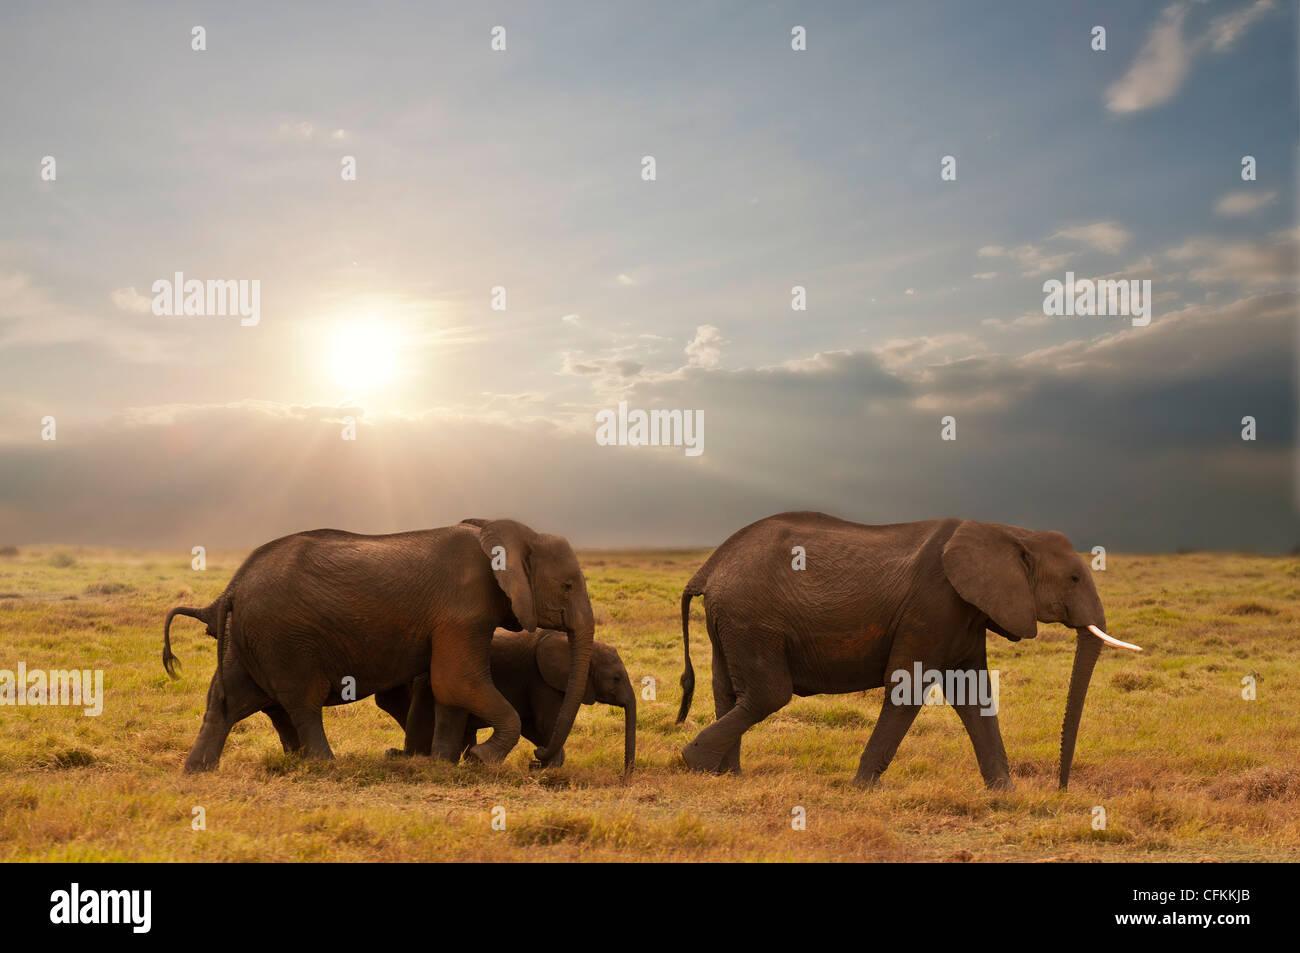 elephant family in amboseli national park, kenya Stock Photo